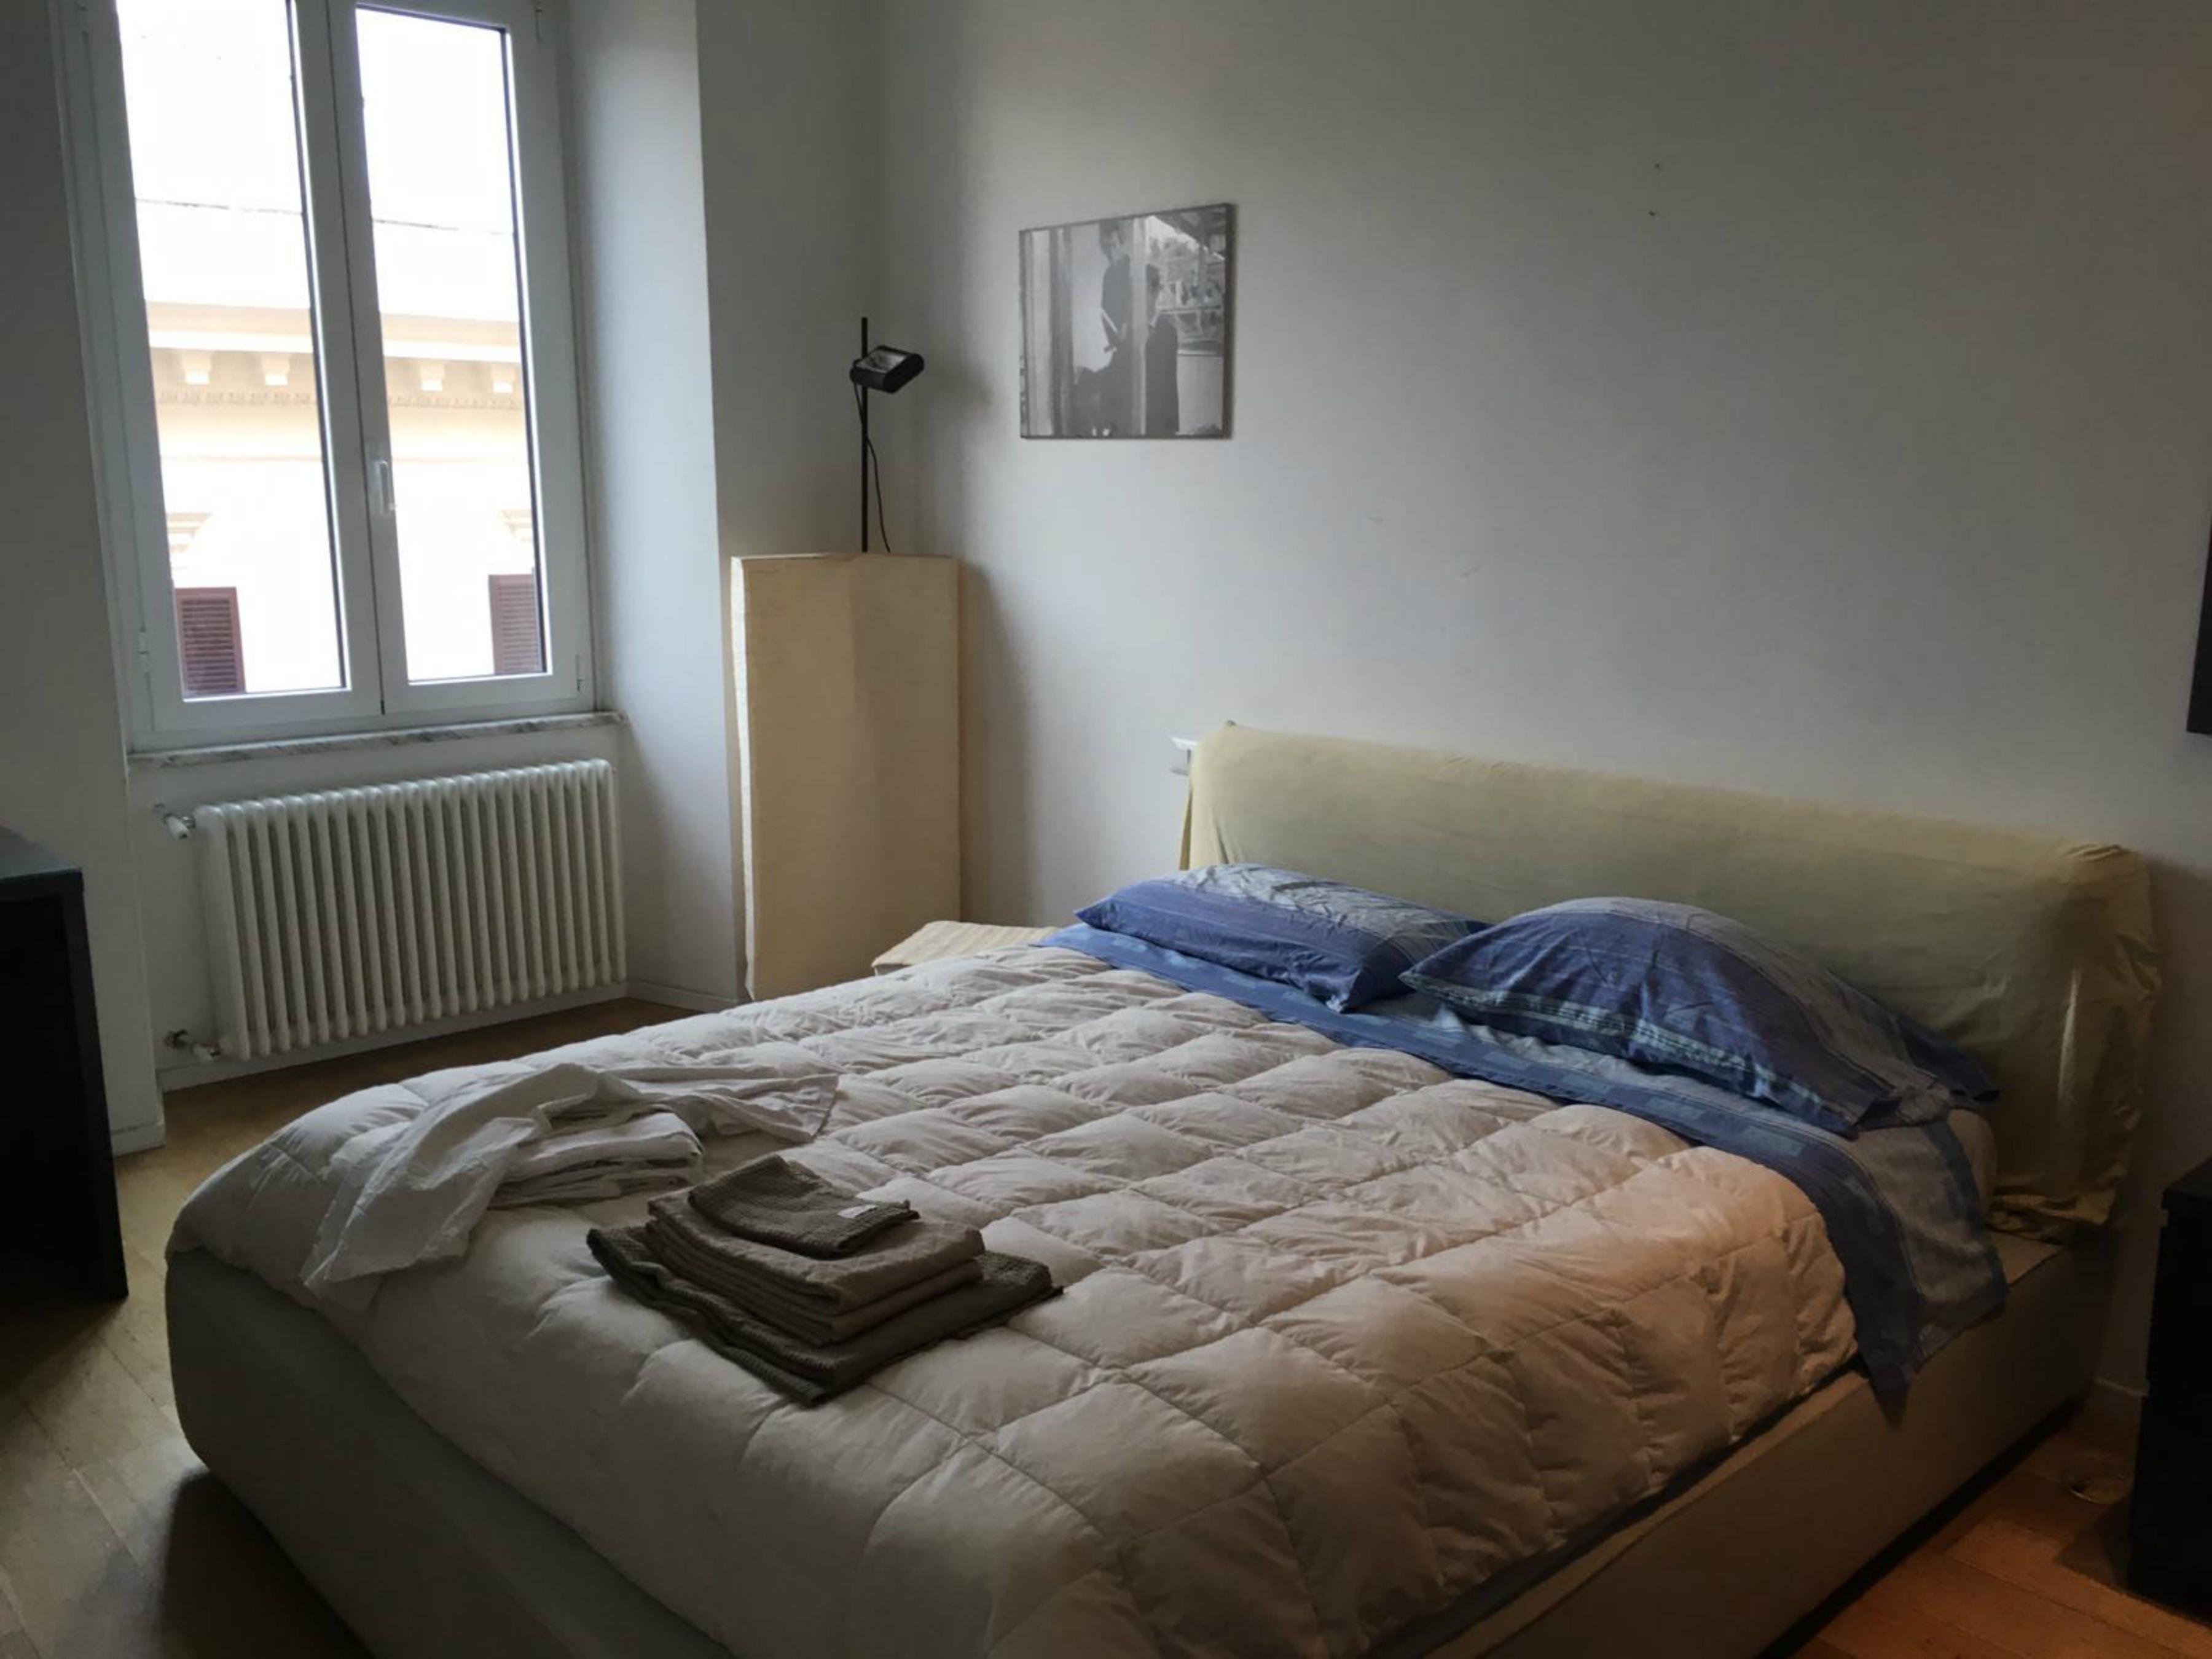 Camera doppia airbnb prima dell'intervento